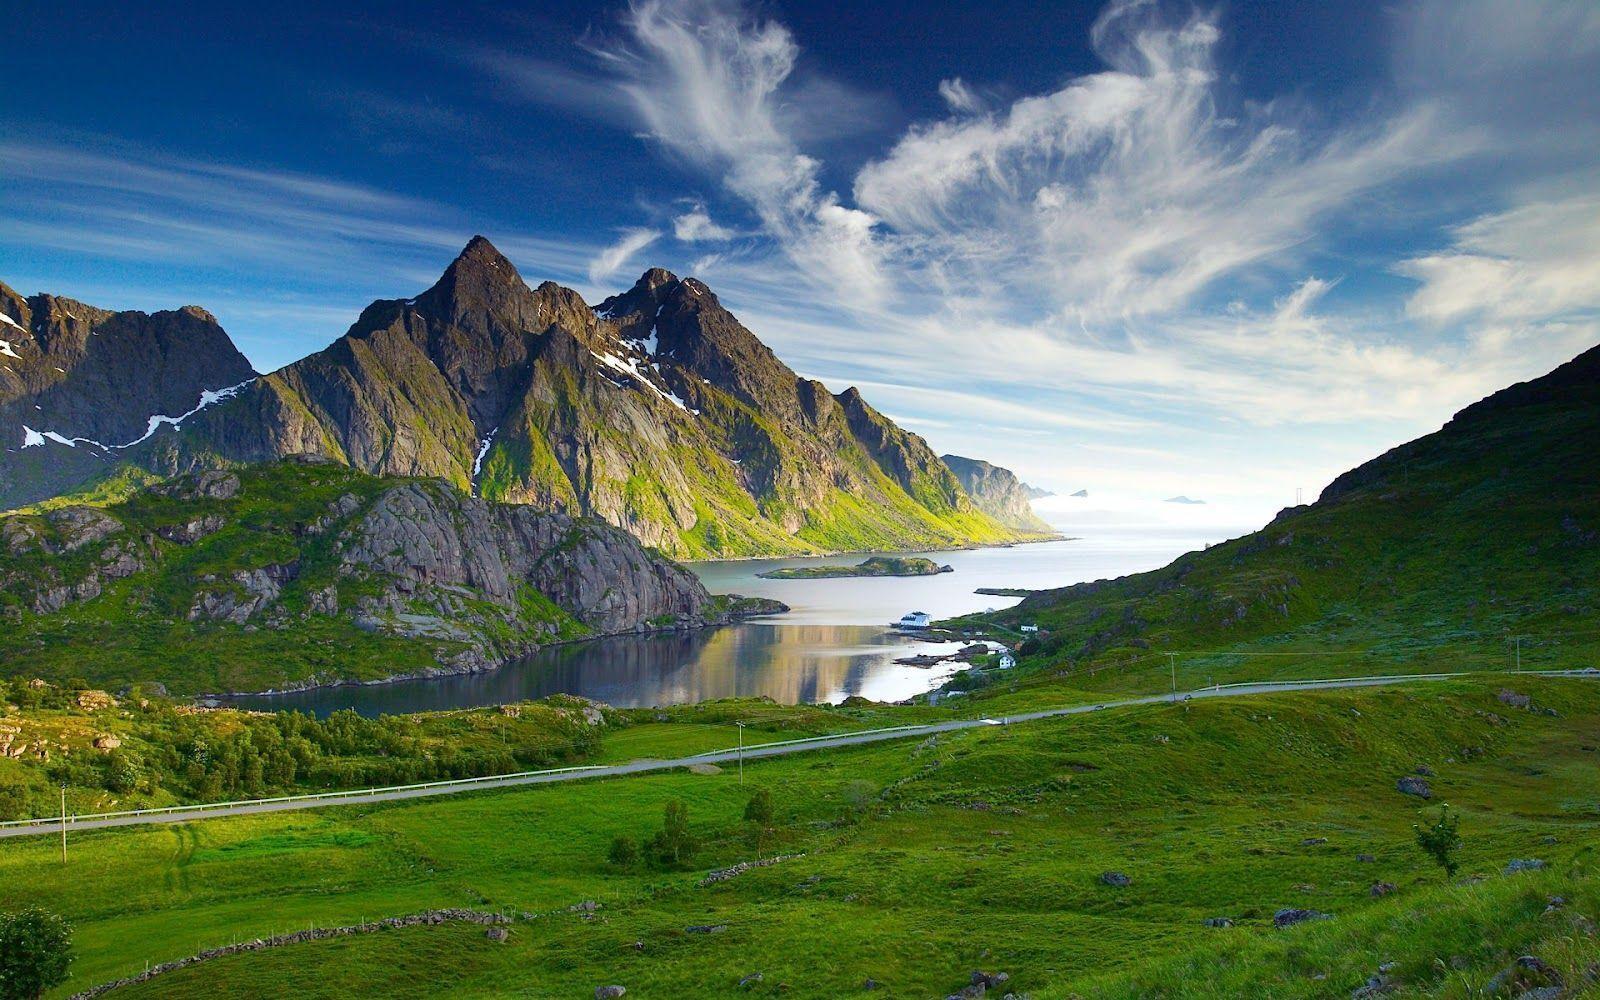 Beautiful Nature Hd Wallpaper Widescreen 2 HD Wallpapers